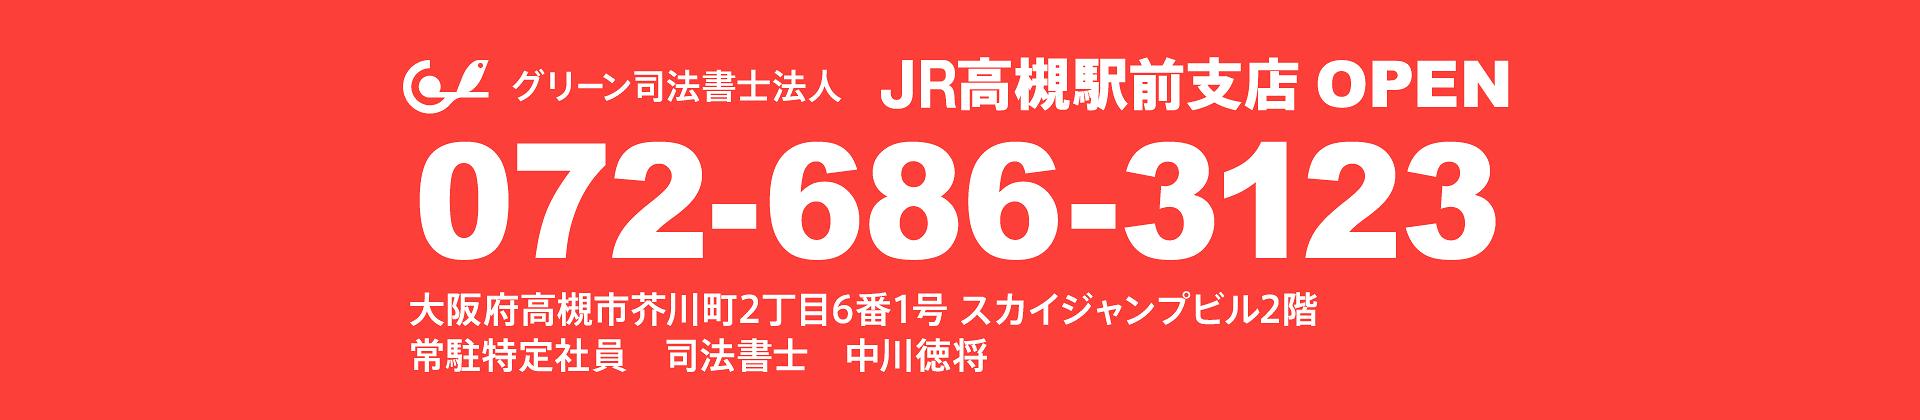 JR高槻駅前支店オープン